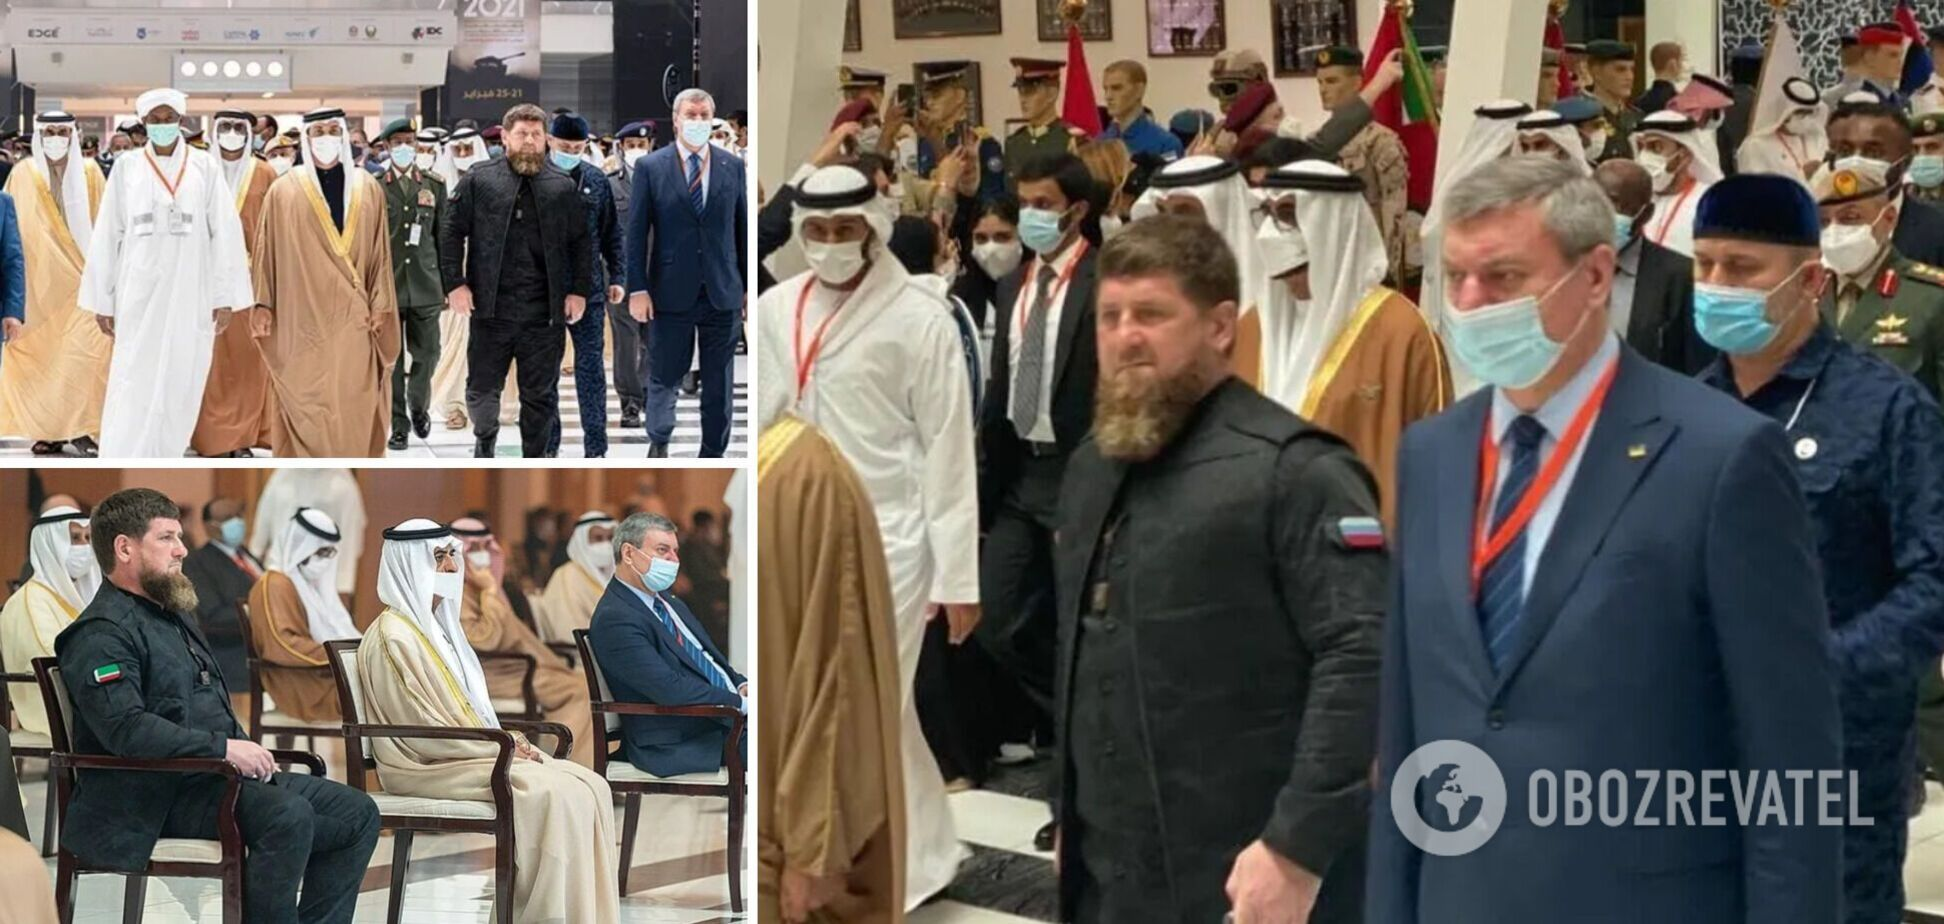 Вице-премьер Олег Уруский и лидер Чечни Рамзан Кадыров